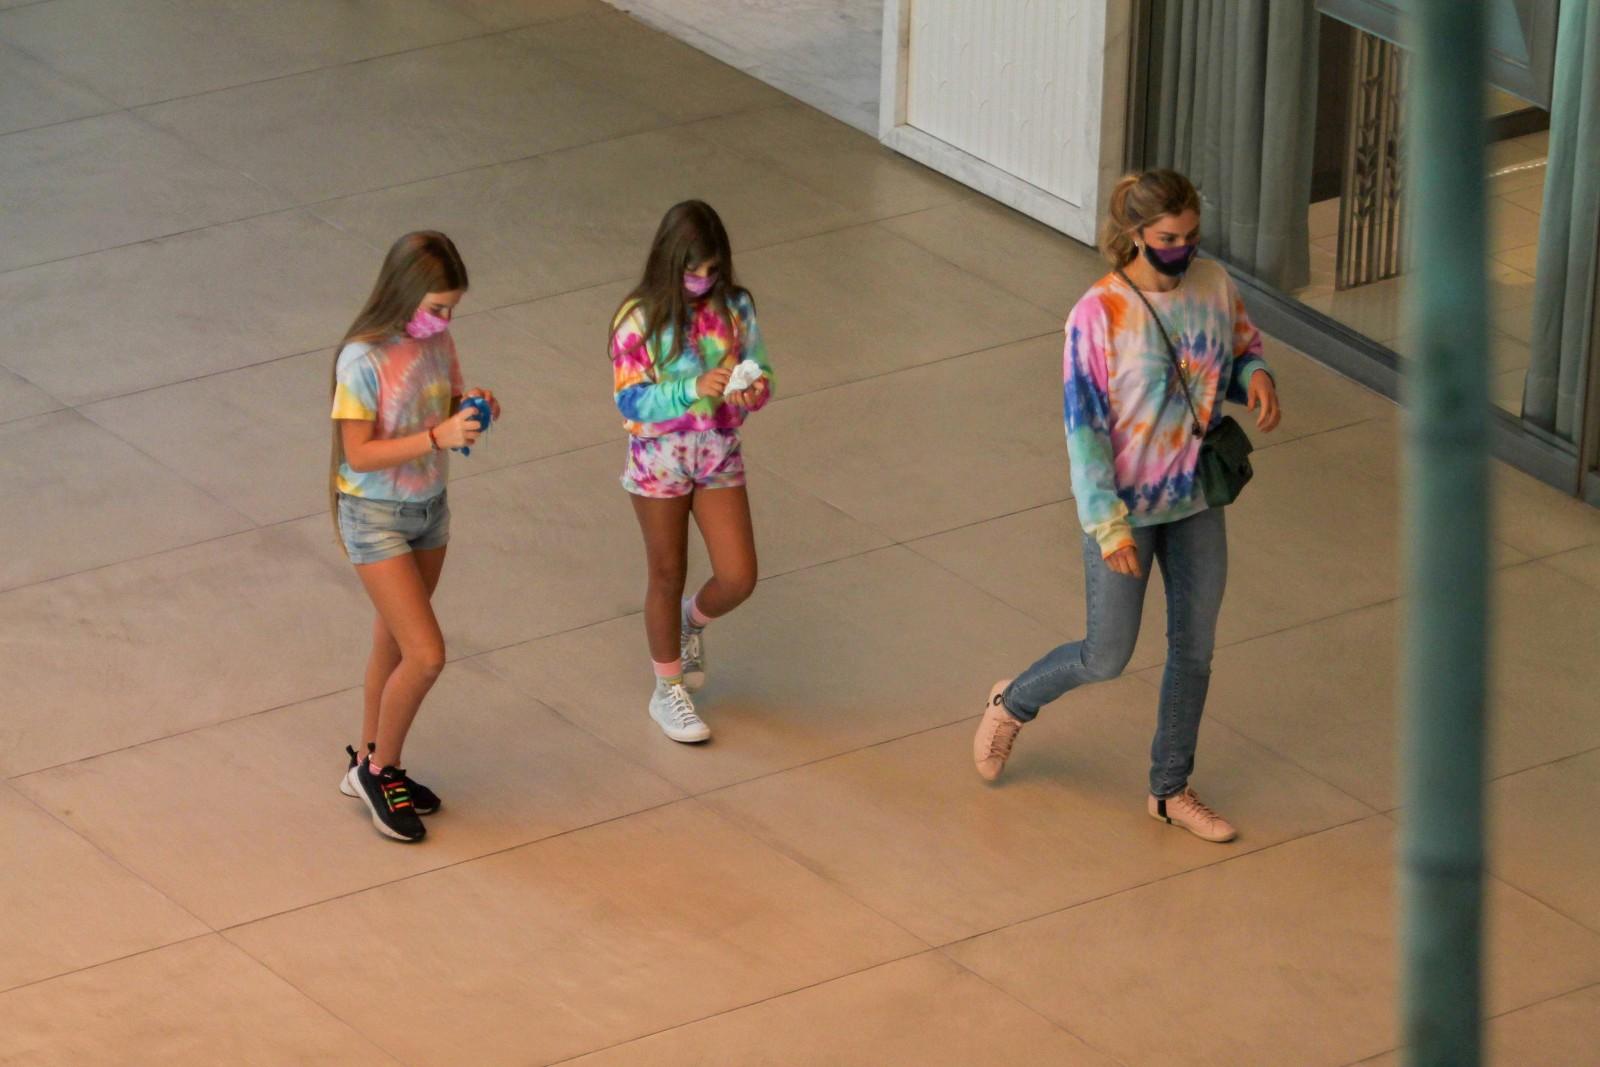 Grazi Massafera combina look com filha para passeio em shopping